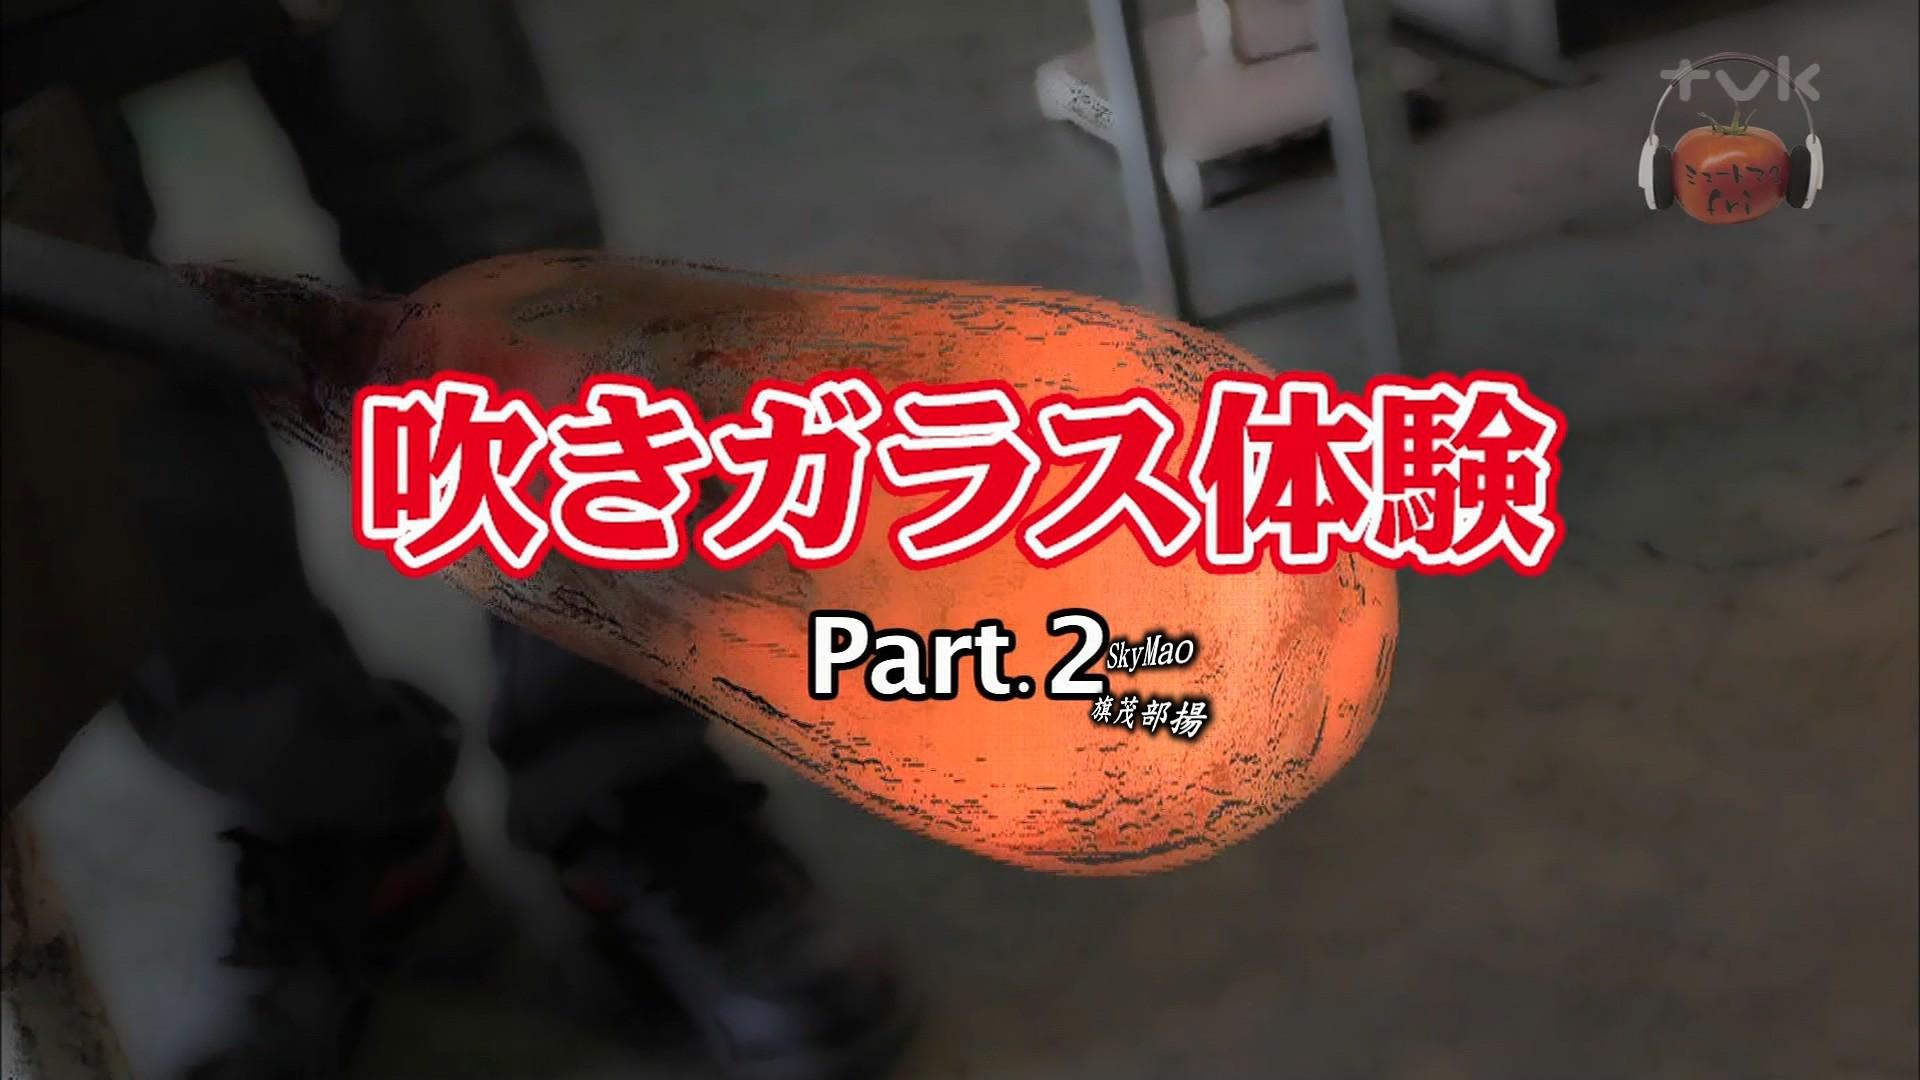 2017.09.08 全場(ミュートマ2).ts_20170909_002958.193